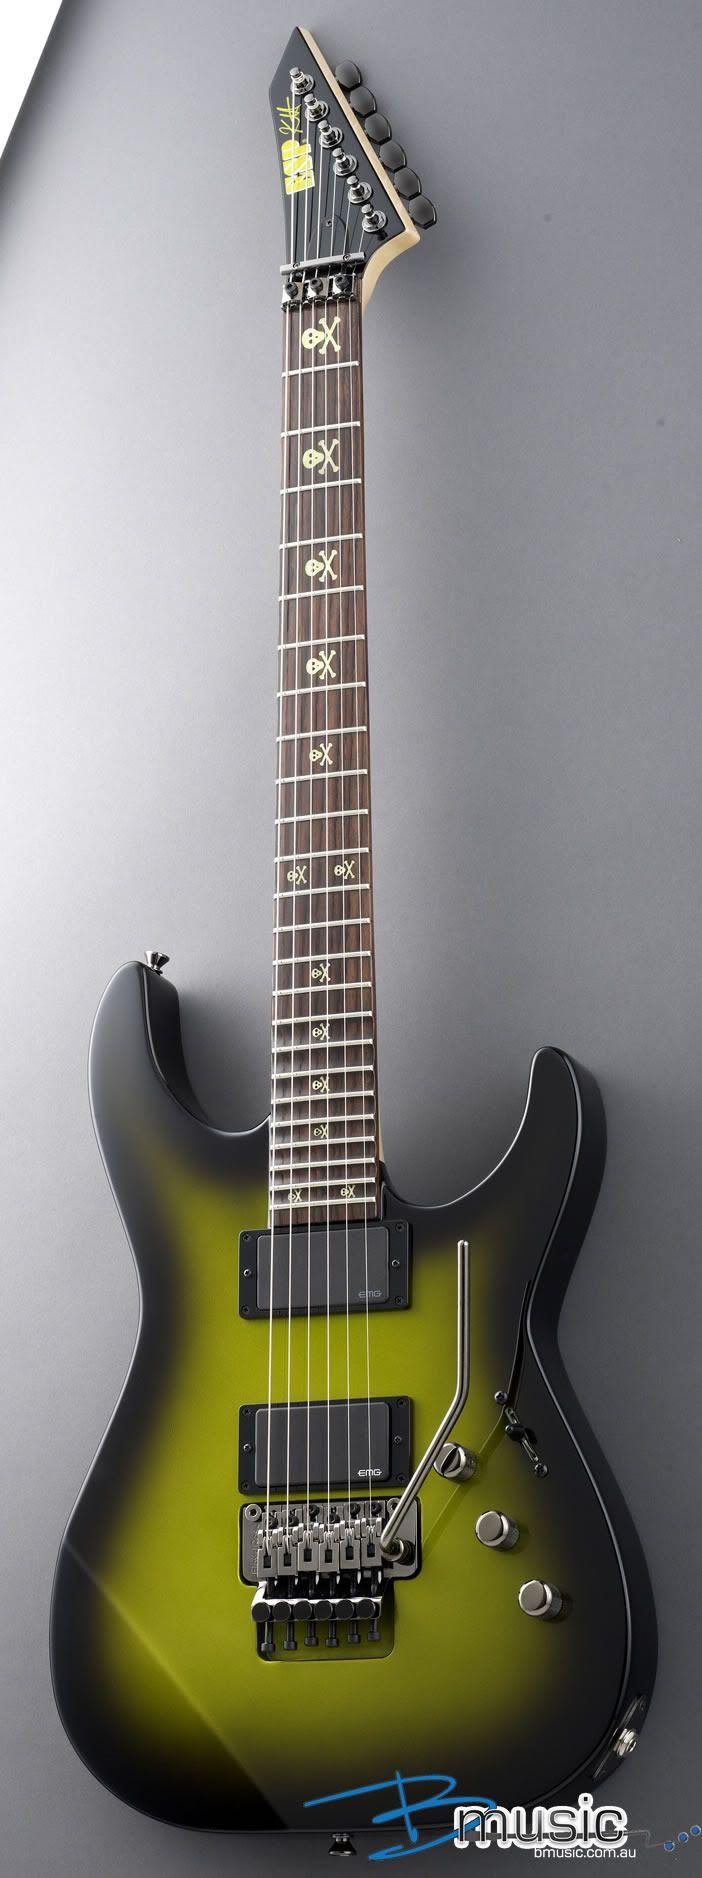 Kirk Hammett Green Guitar